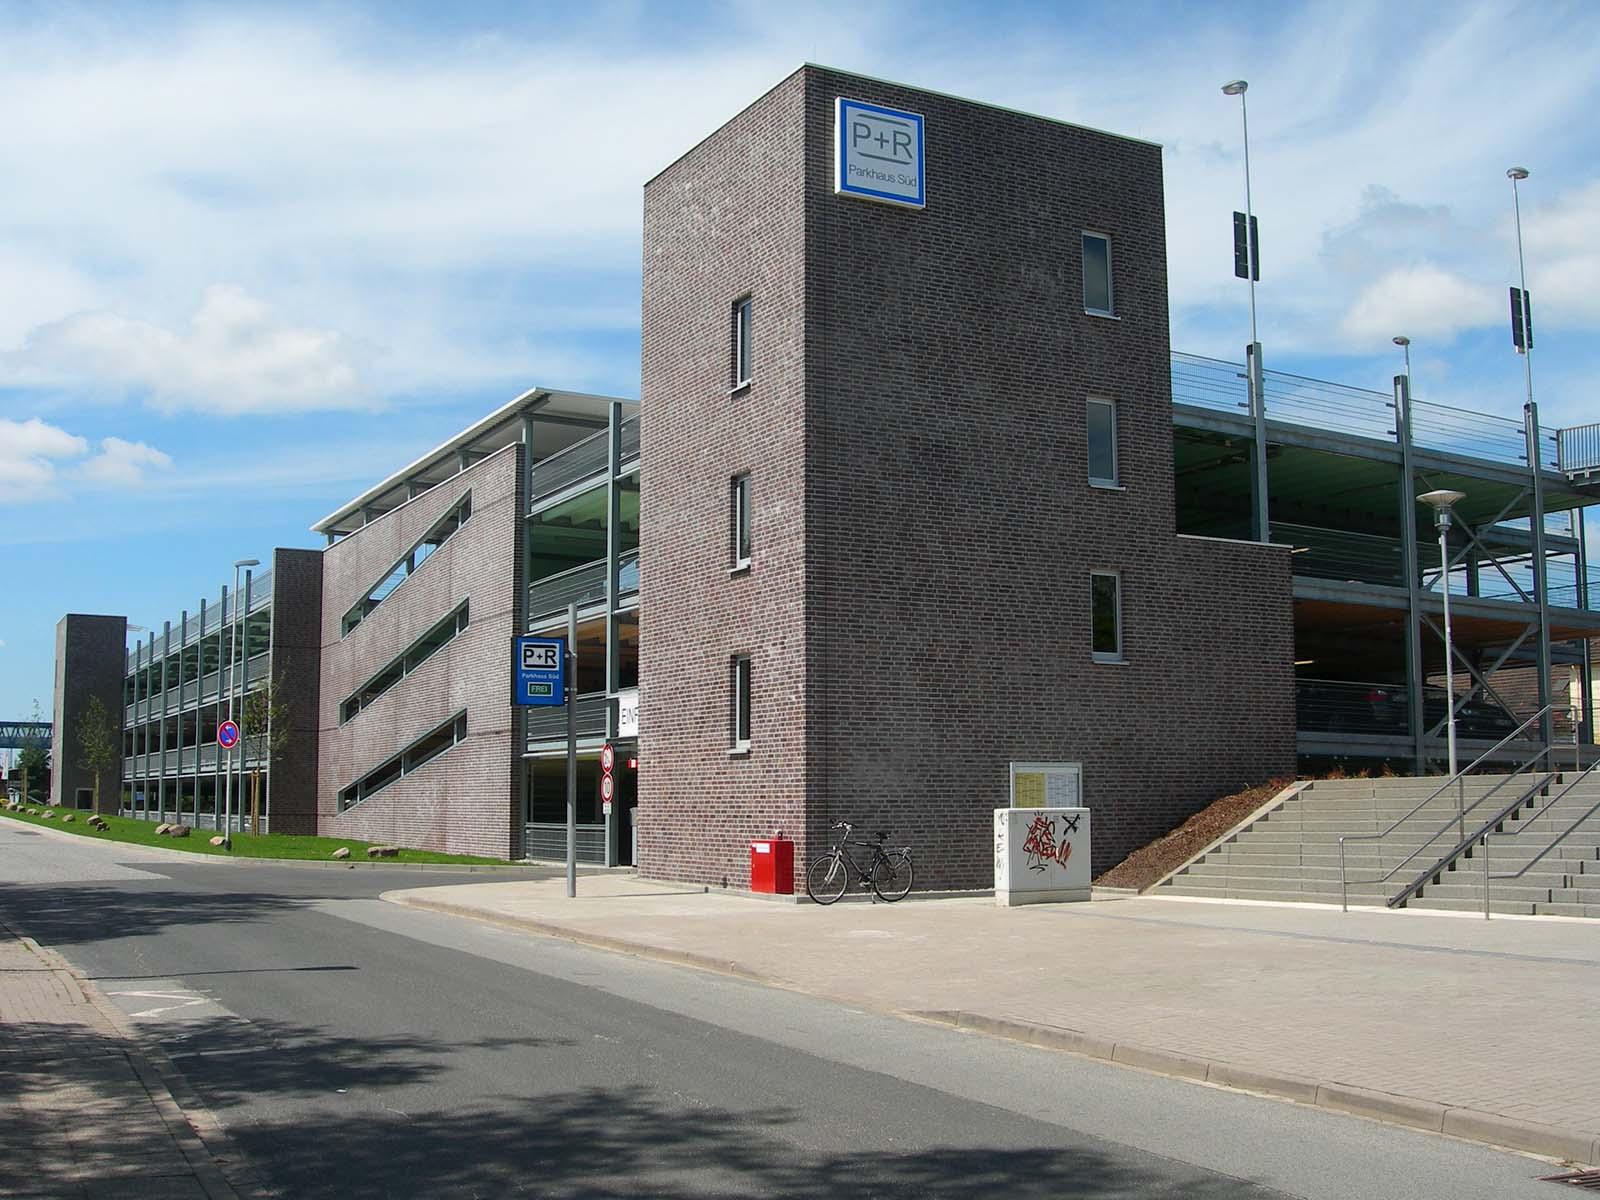 parkhaus-stadt-buchholz-1